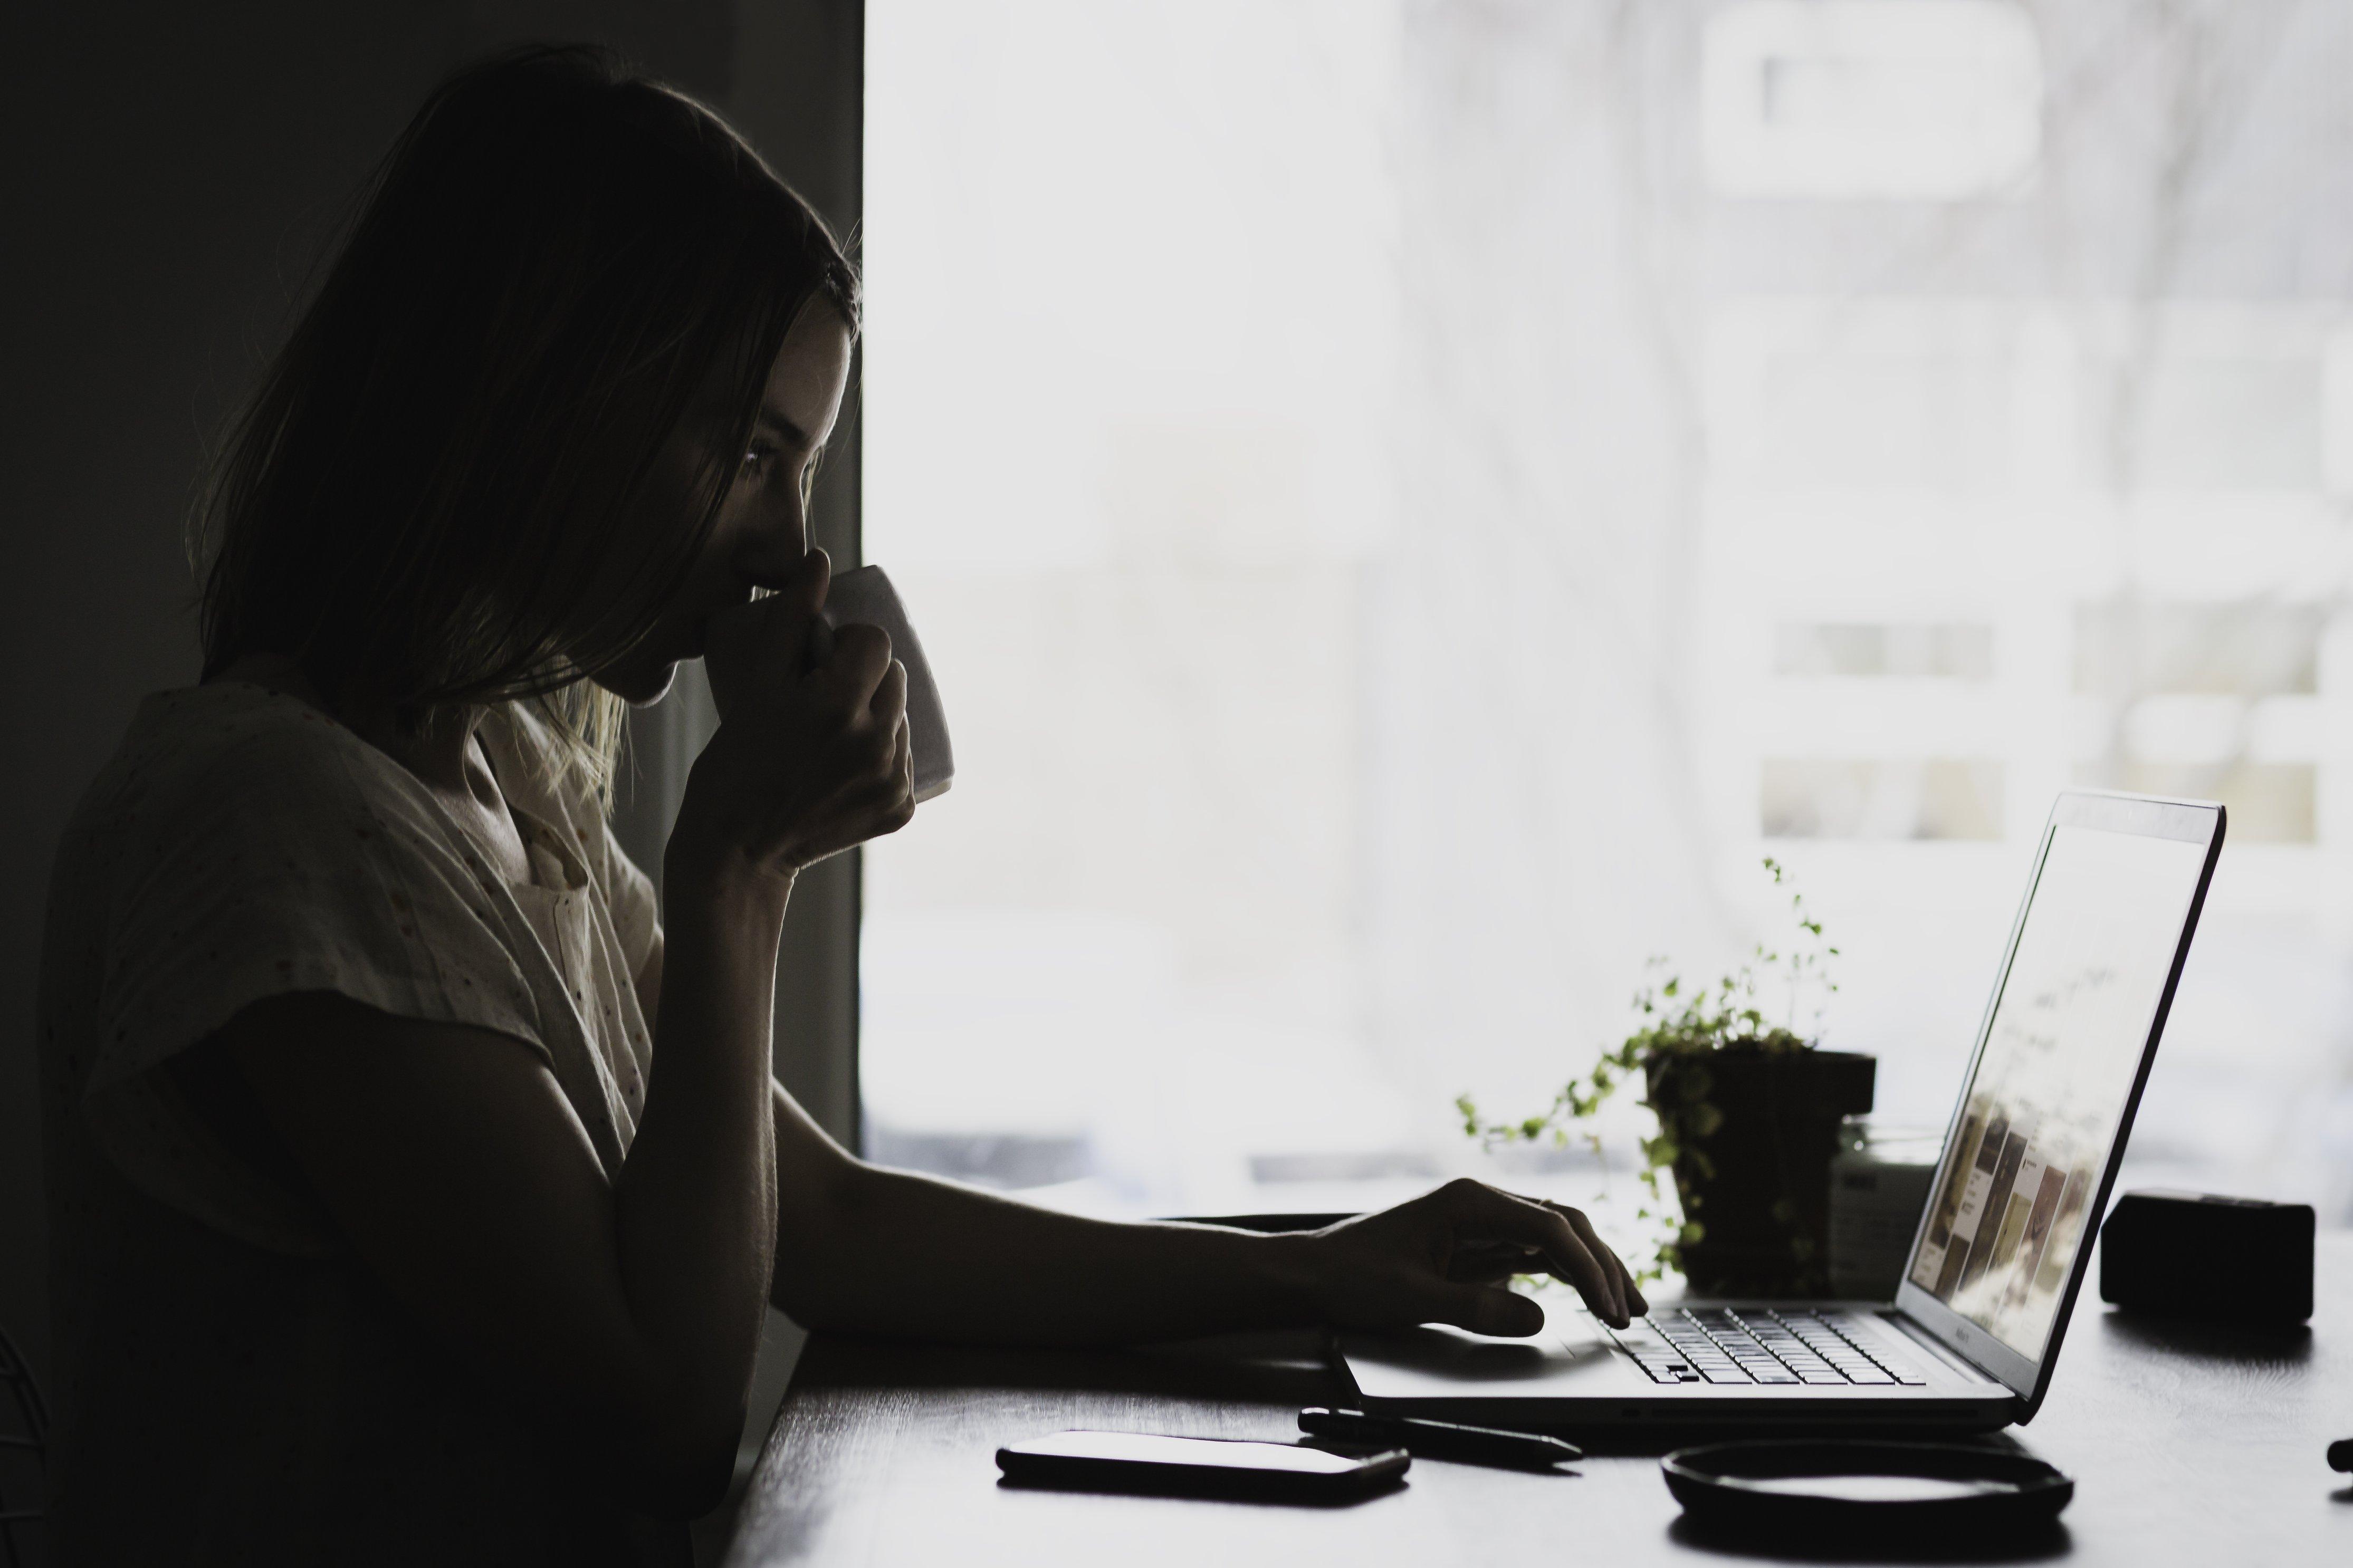 9 نصائح تجنبك آلام الظهر عند الجلوس أمام الكمبيوتر